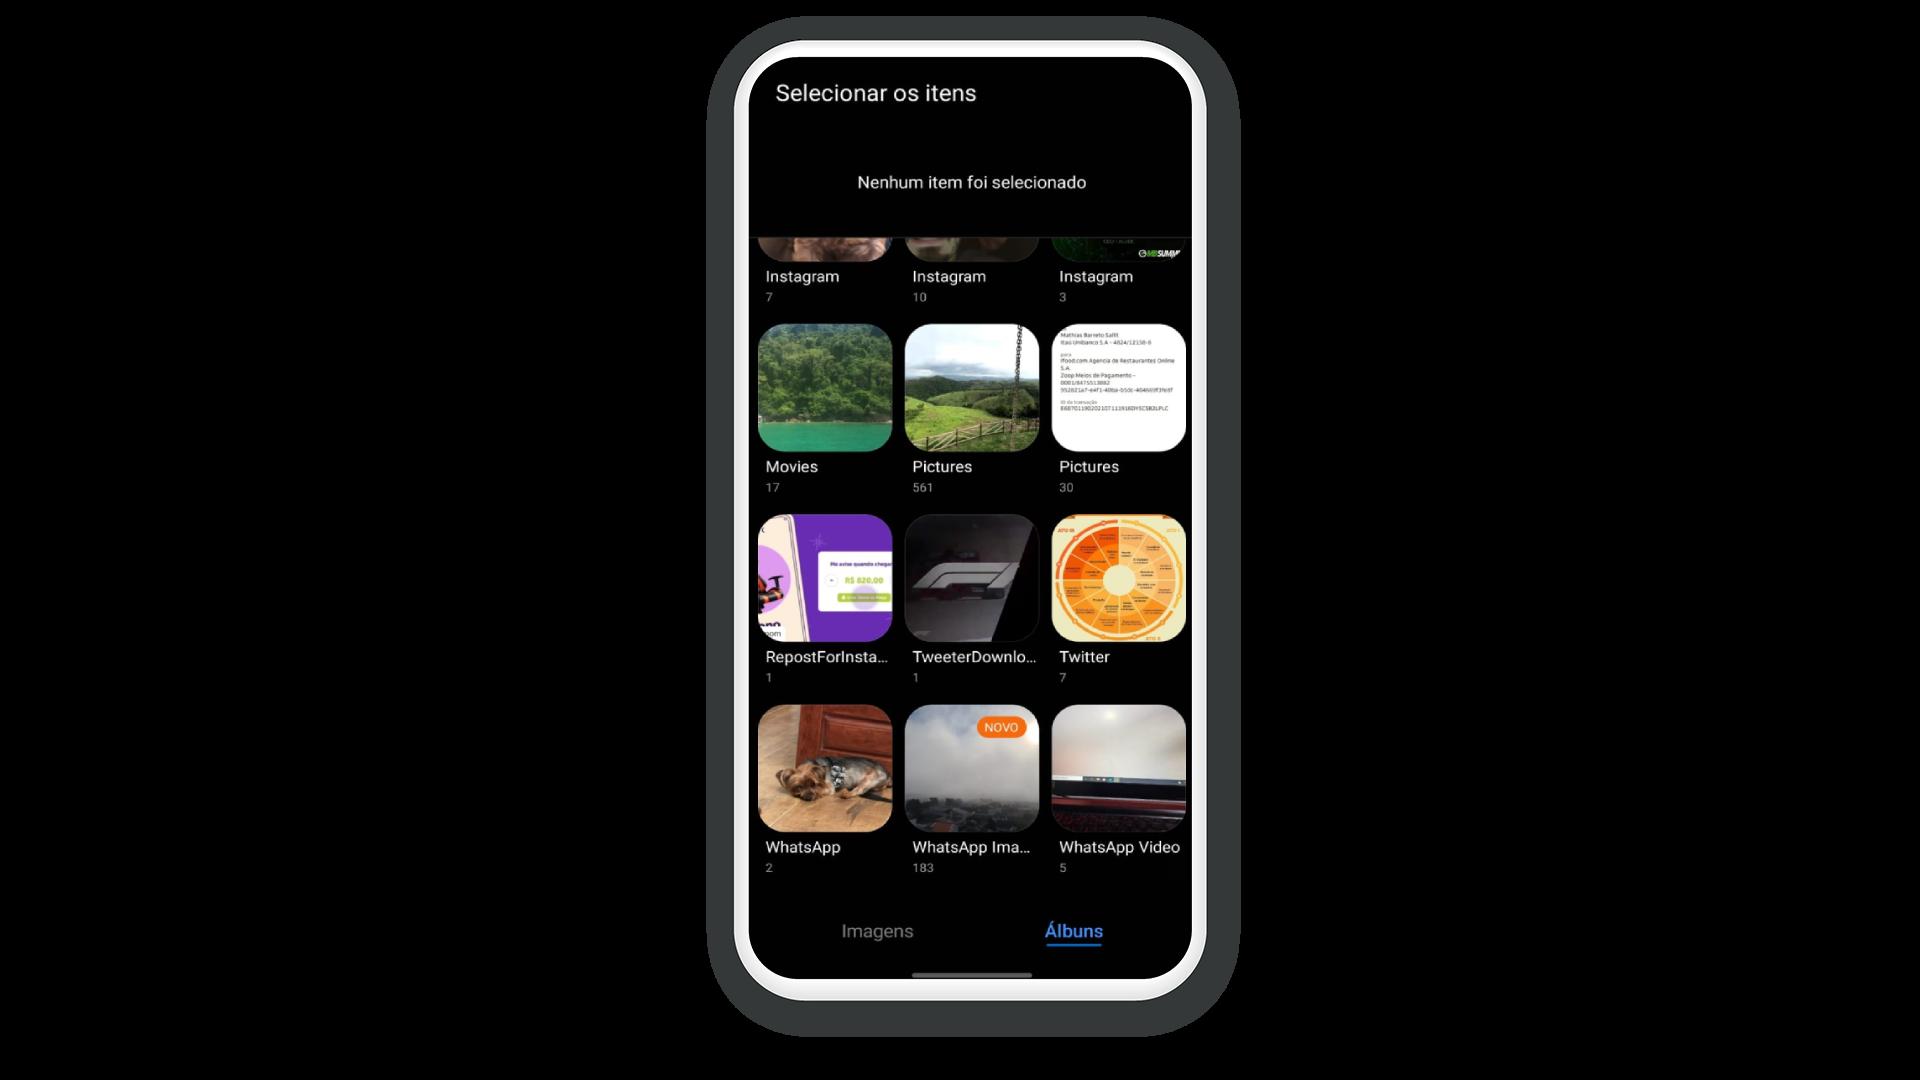 WeTransfer aberto na galeria pessoal do celular para seleção do arquivo desejado.